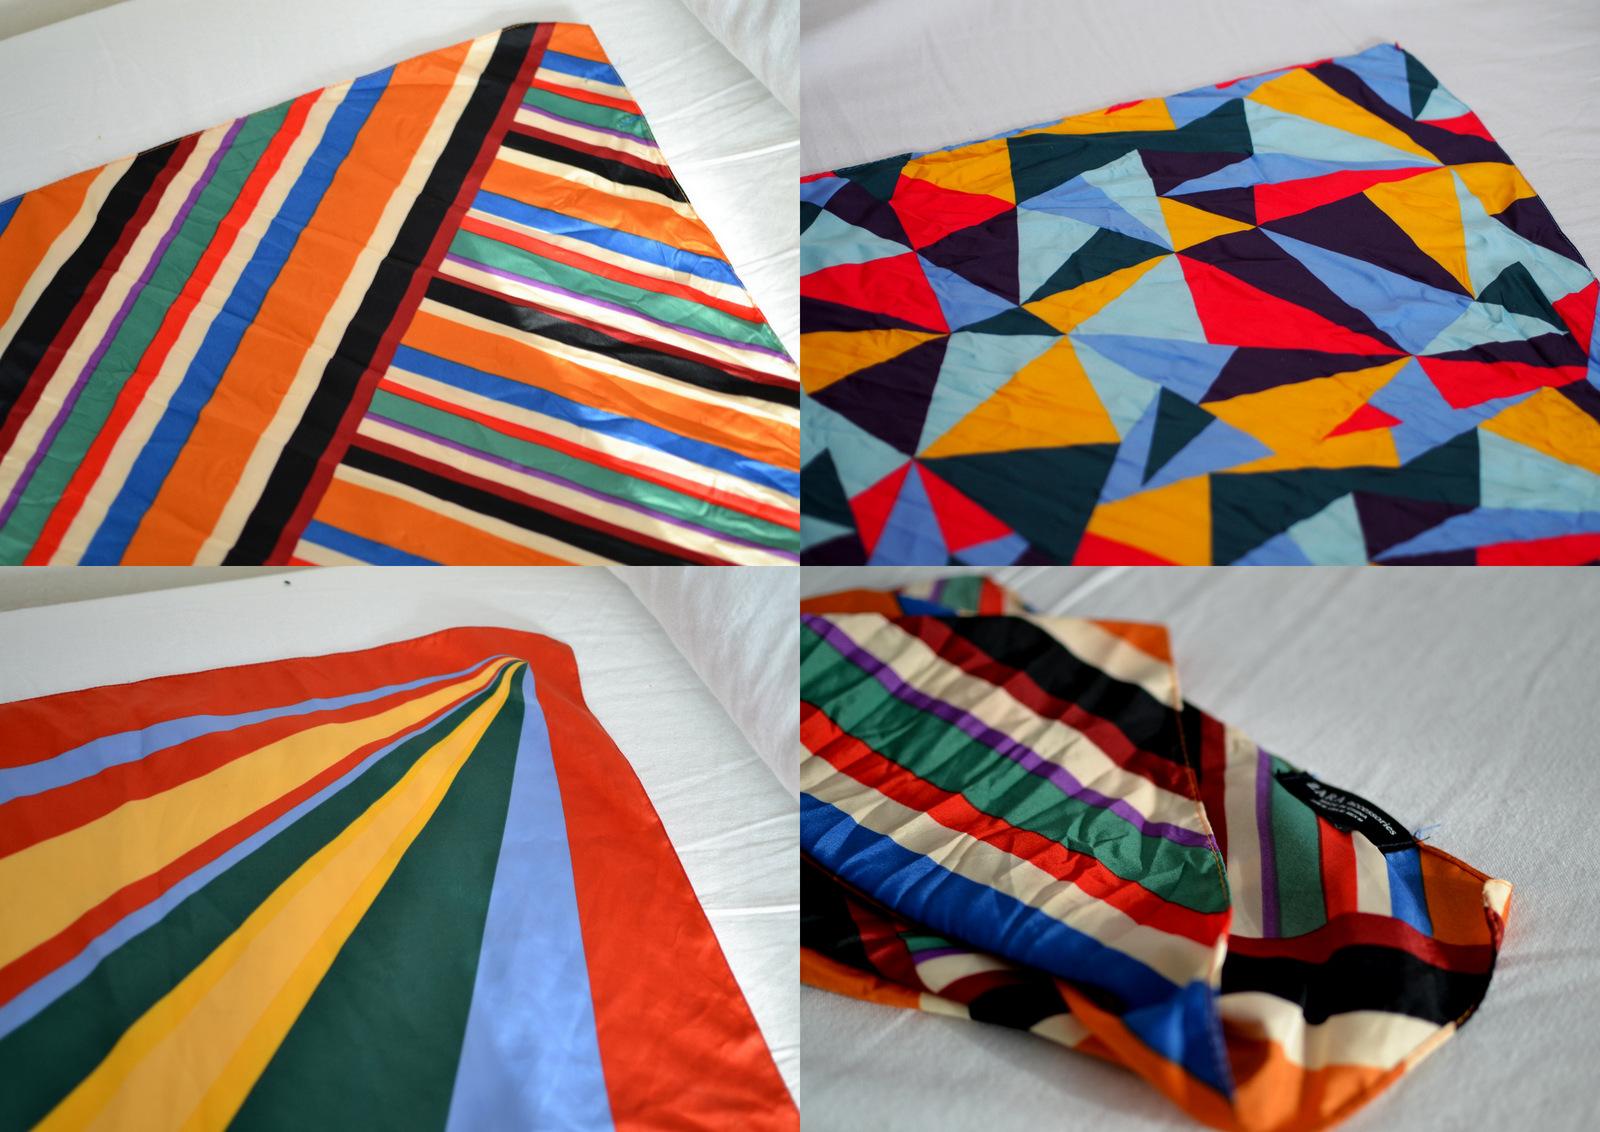 e5a57bad9388 Štvorcové šatky som si zamilovala už pred dvoma rokmi. V kolekcii Zara sa  objavujú takmer stále